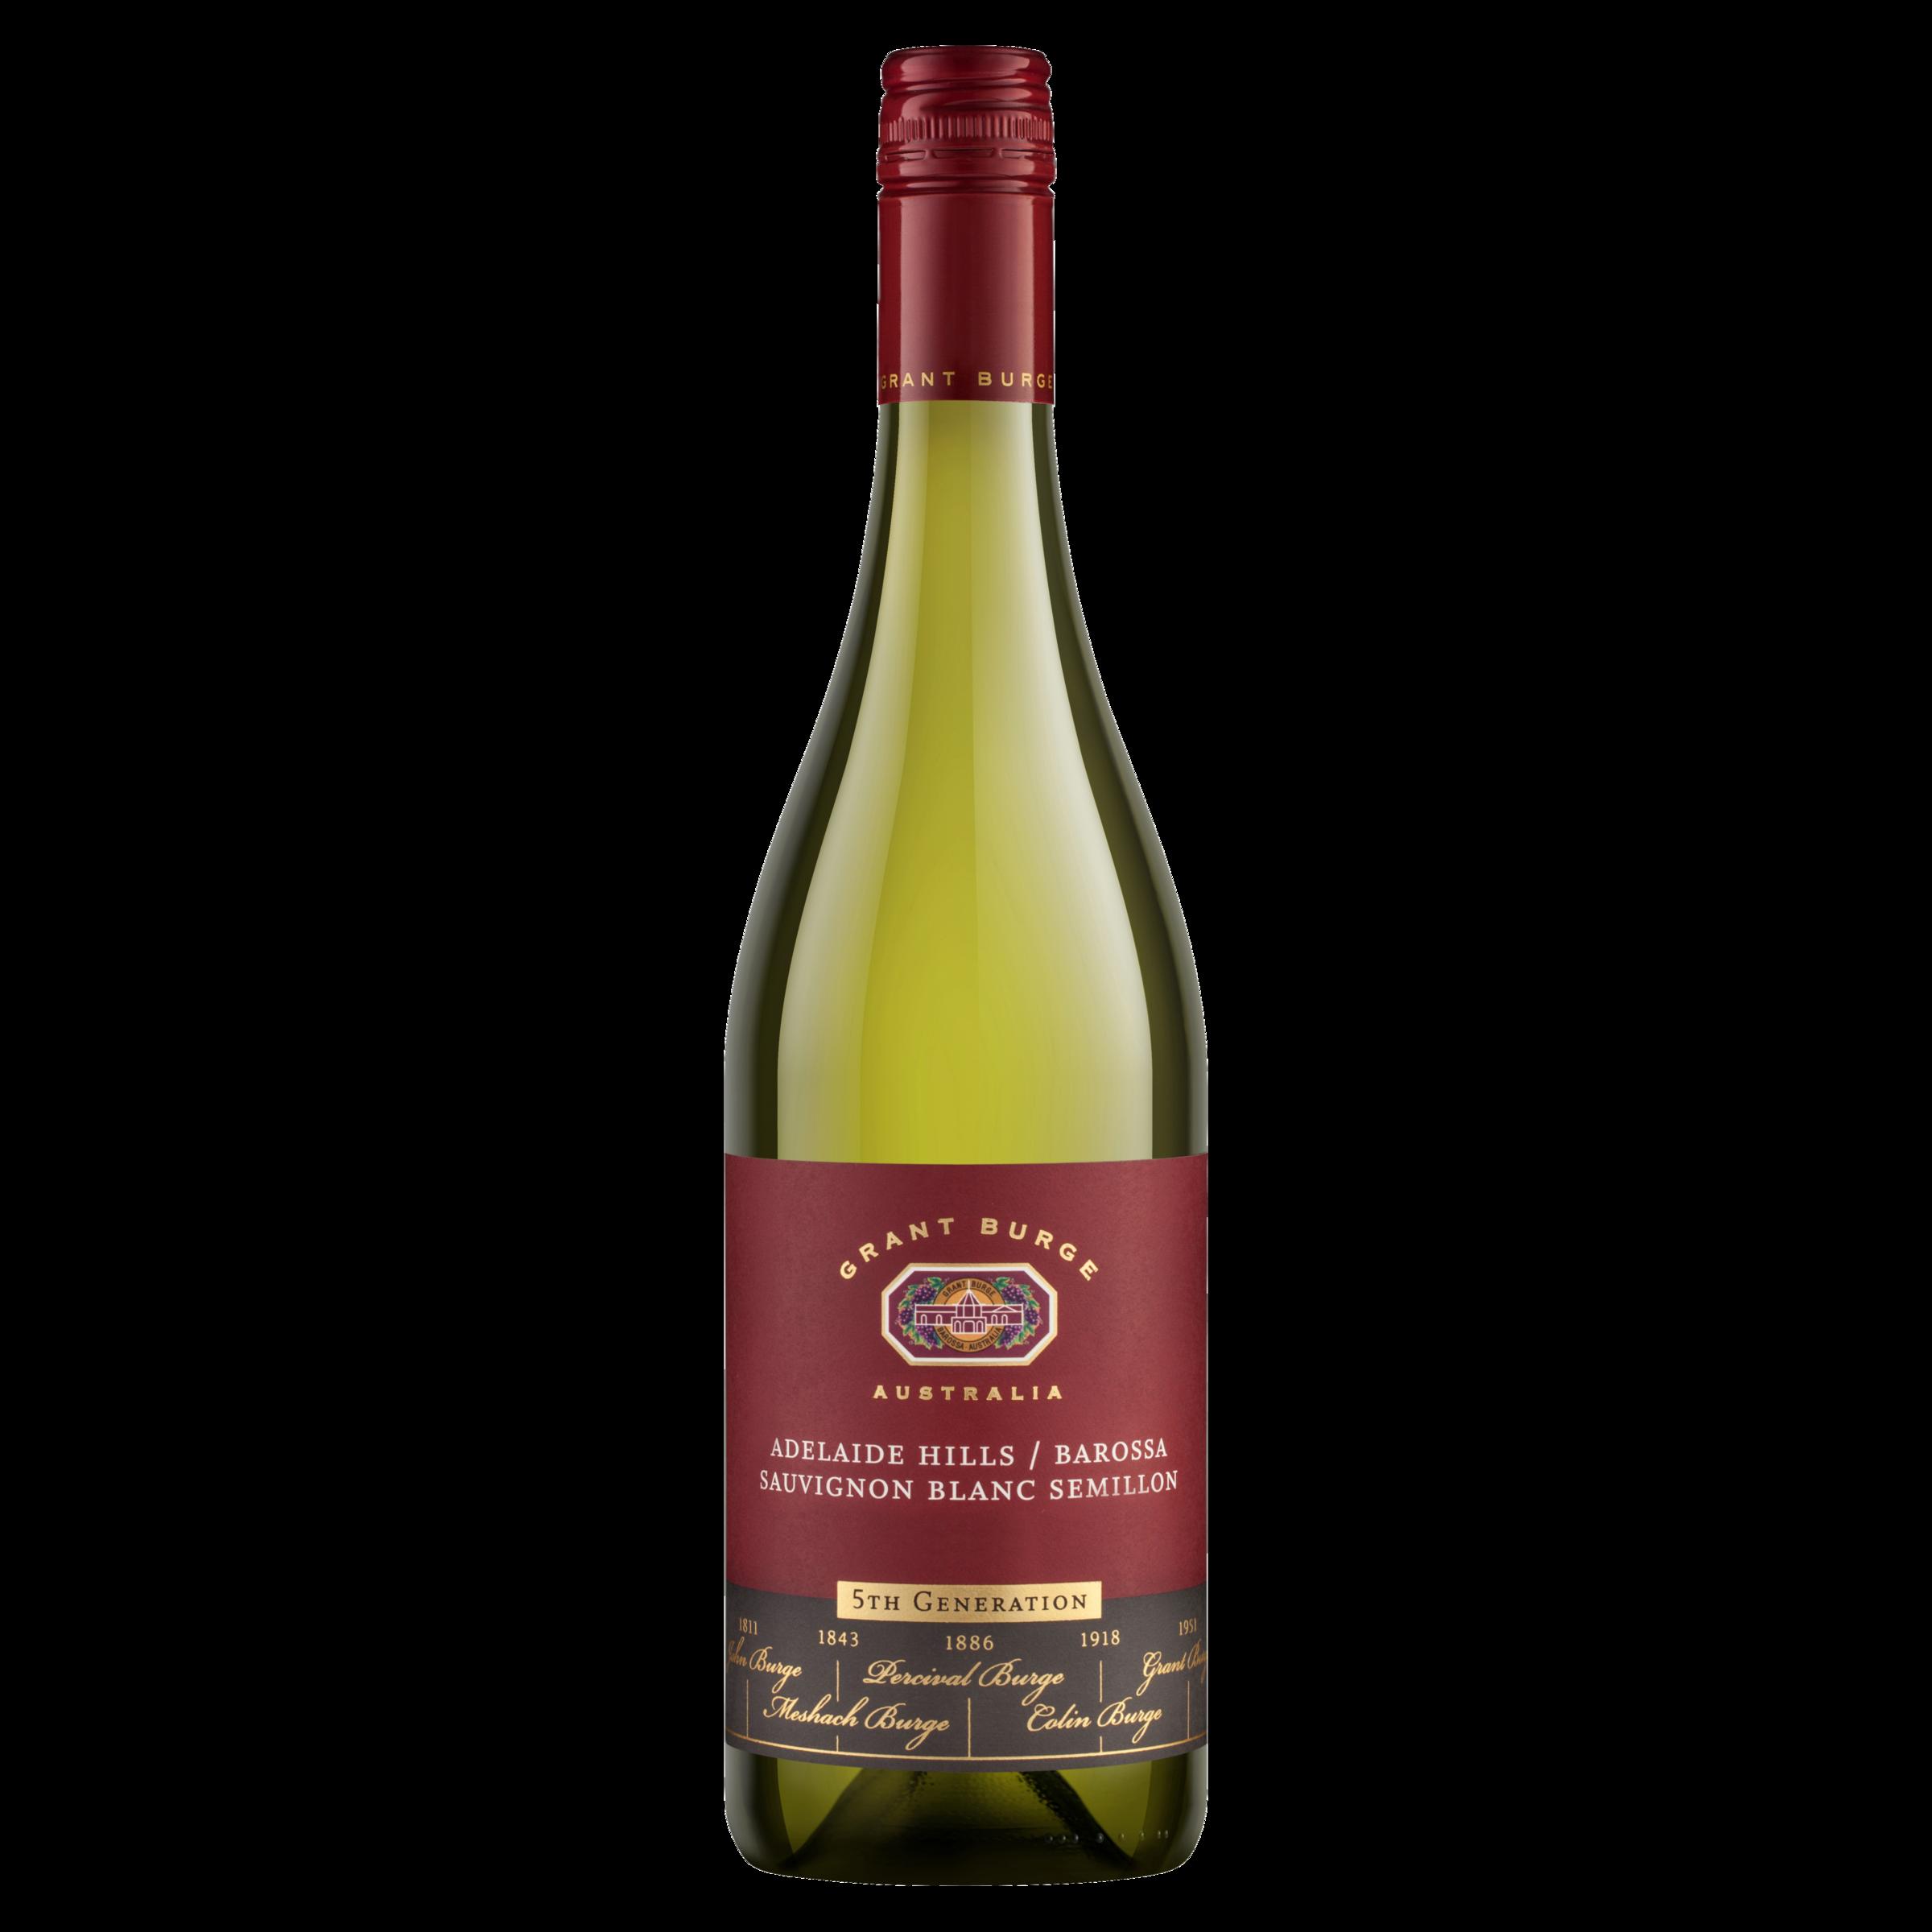 Grant Burge 5th Generation Semillon Sauvignon Blanc